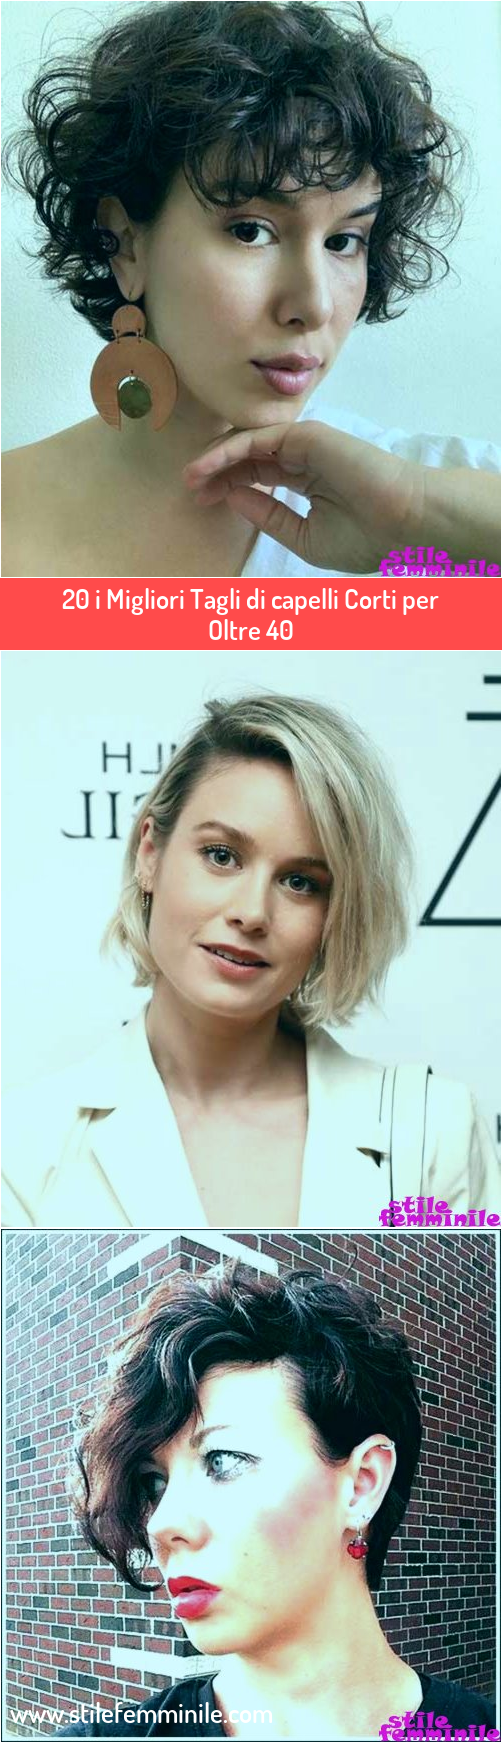 Photo of 20 i Migliori Tagli di capelli Corti per Oltre 40